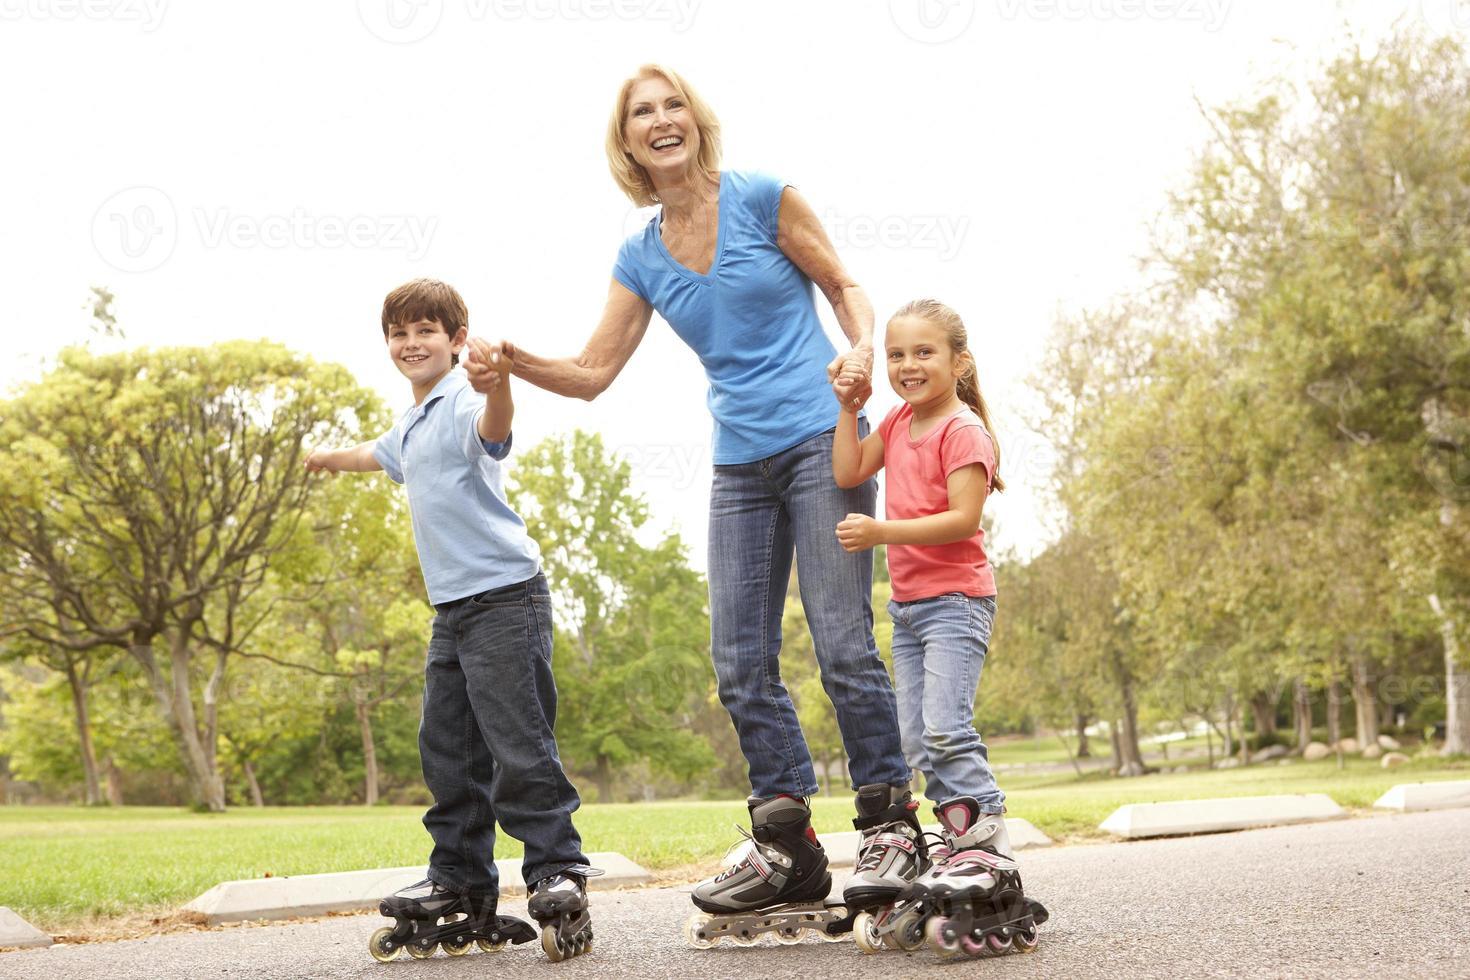 nonna e nipoti pattinaggio nel parco foto